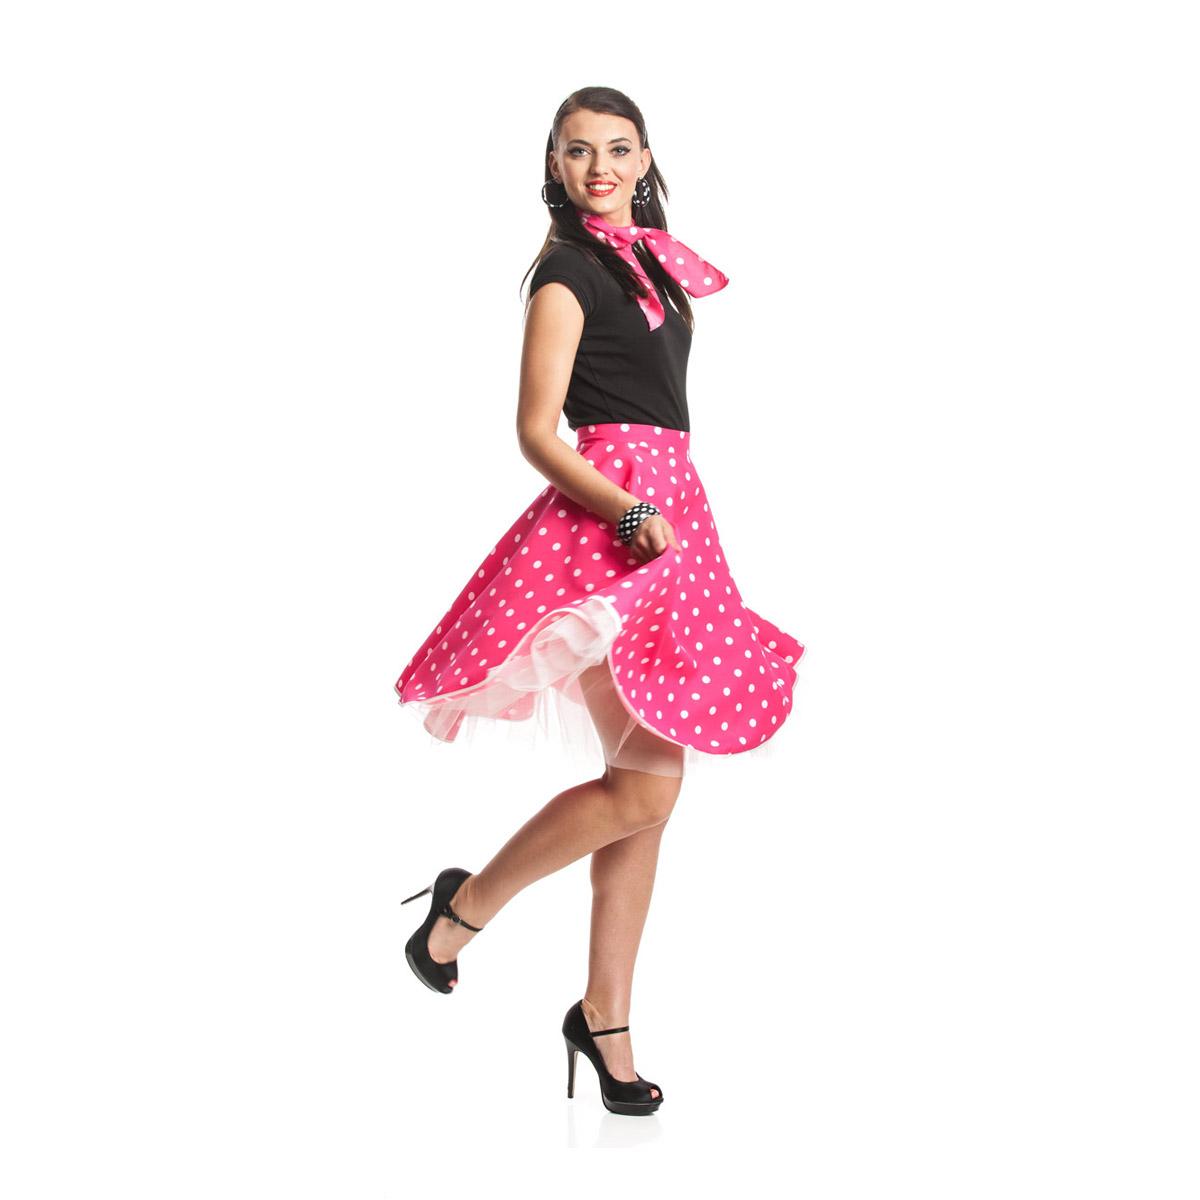 Rock n roll rock damen pink - Rockabilly mode damen ...